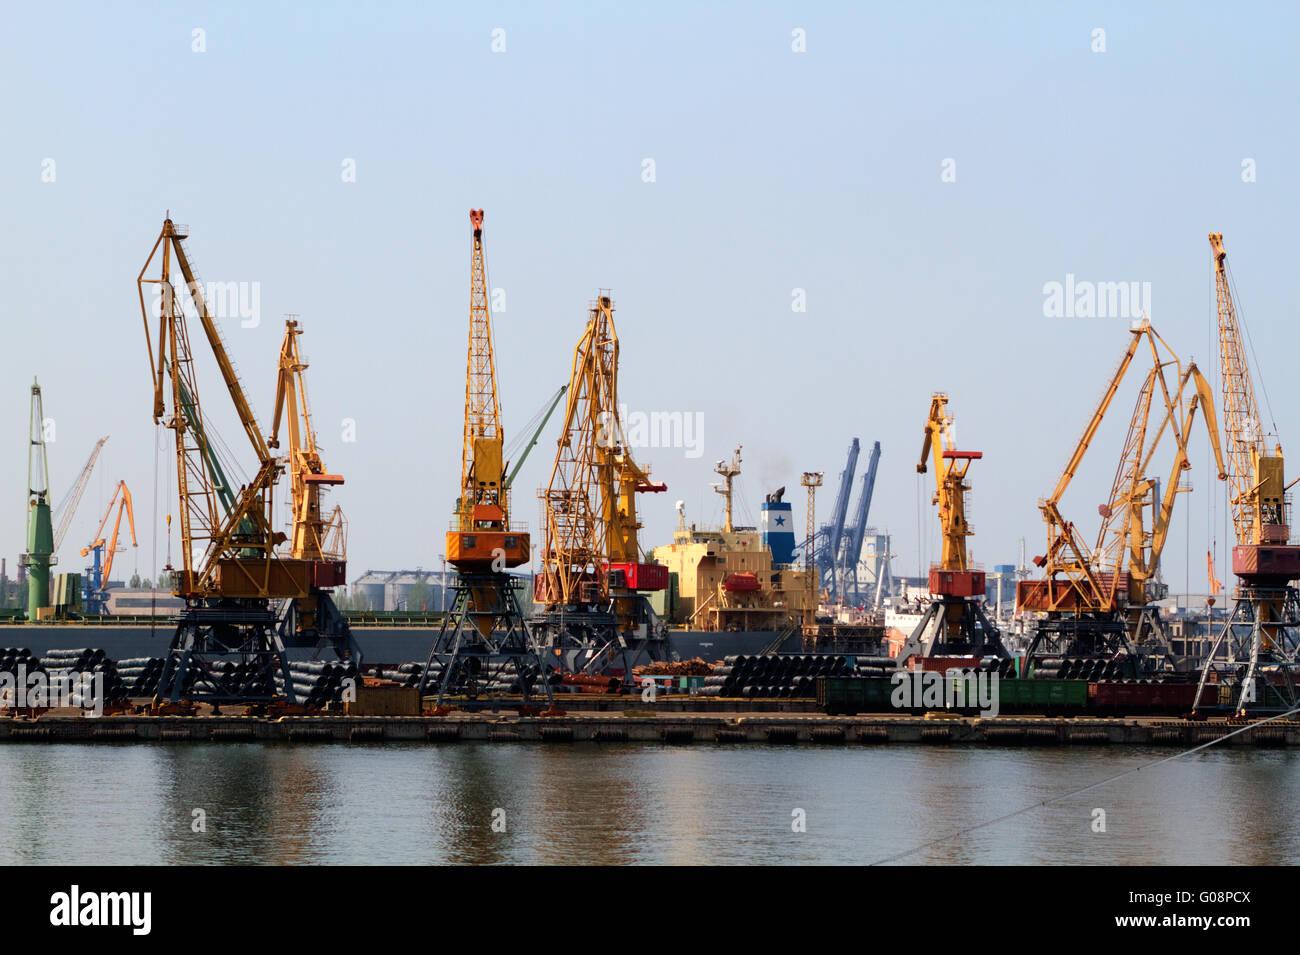 Kran Frachtschiff und Getreide Trockner im Hafen Odessa Stockfoto